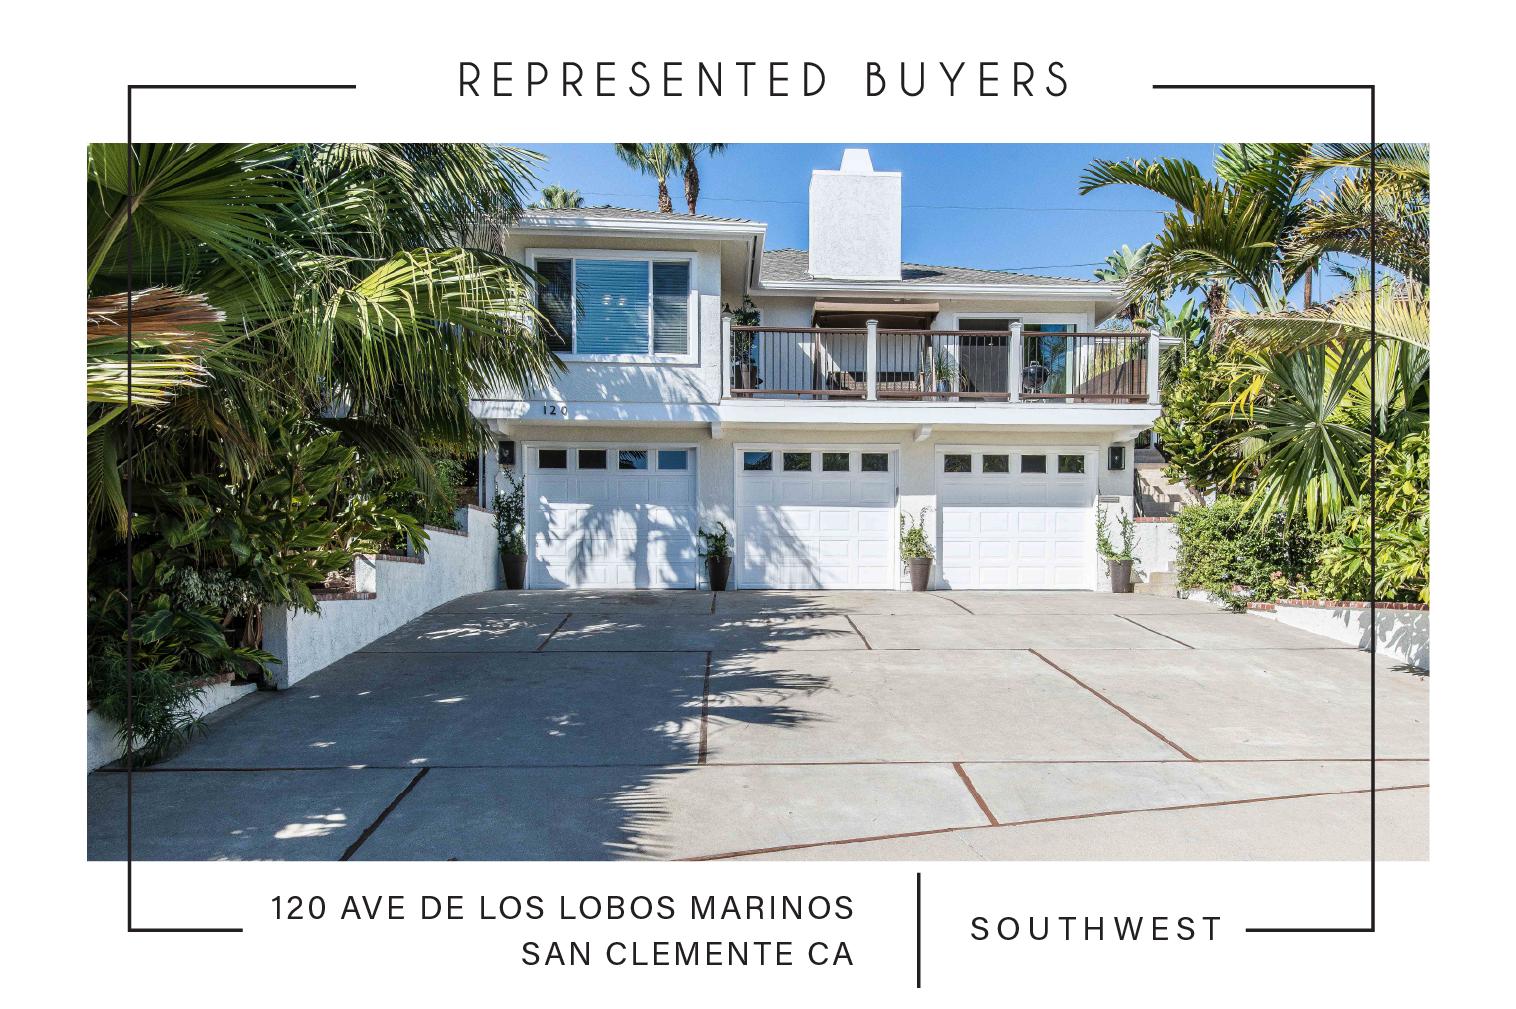 SOLD 03/15/2019 $1,110,000  120 AVE DE LOS LOBOS MARINOS, SAN CLEMENTE CA